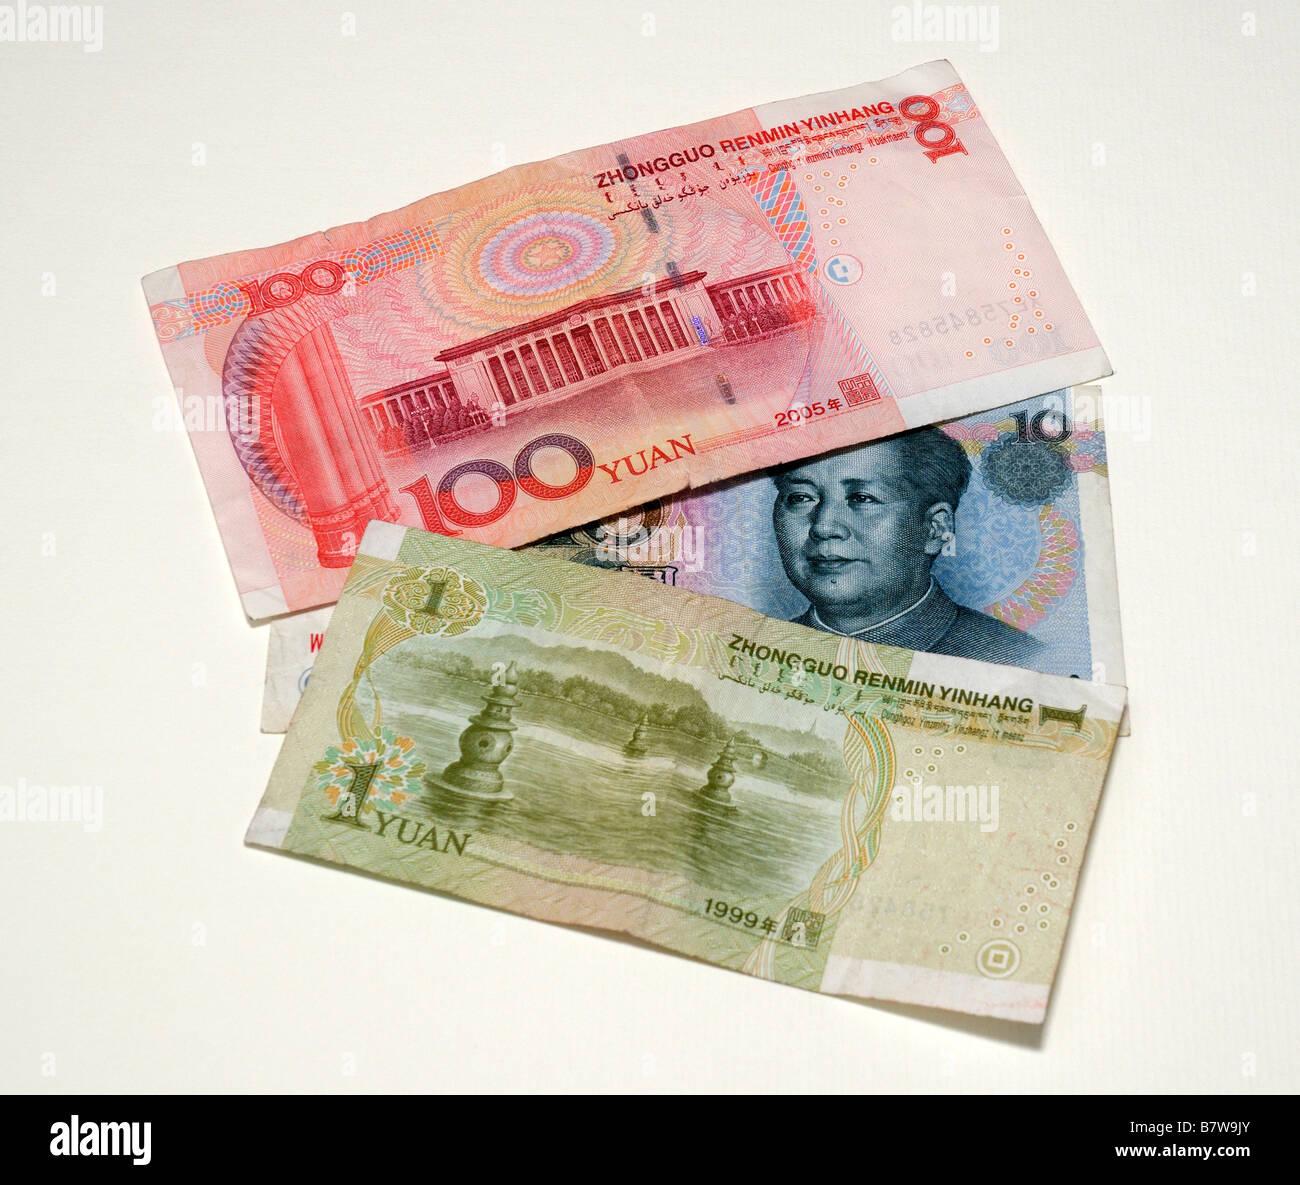 China Bank Notes - Stock Image